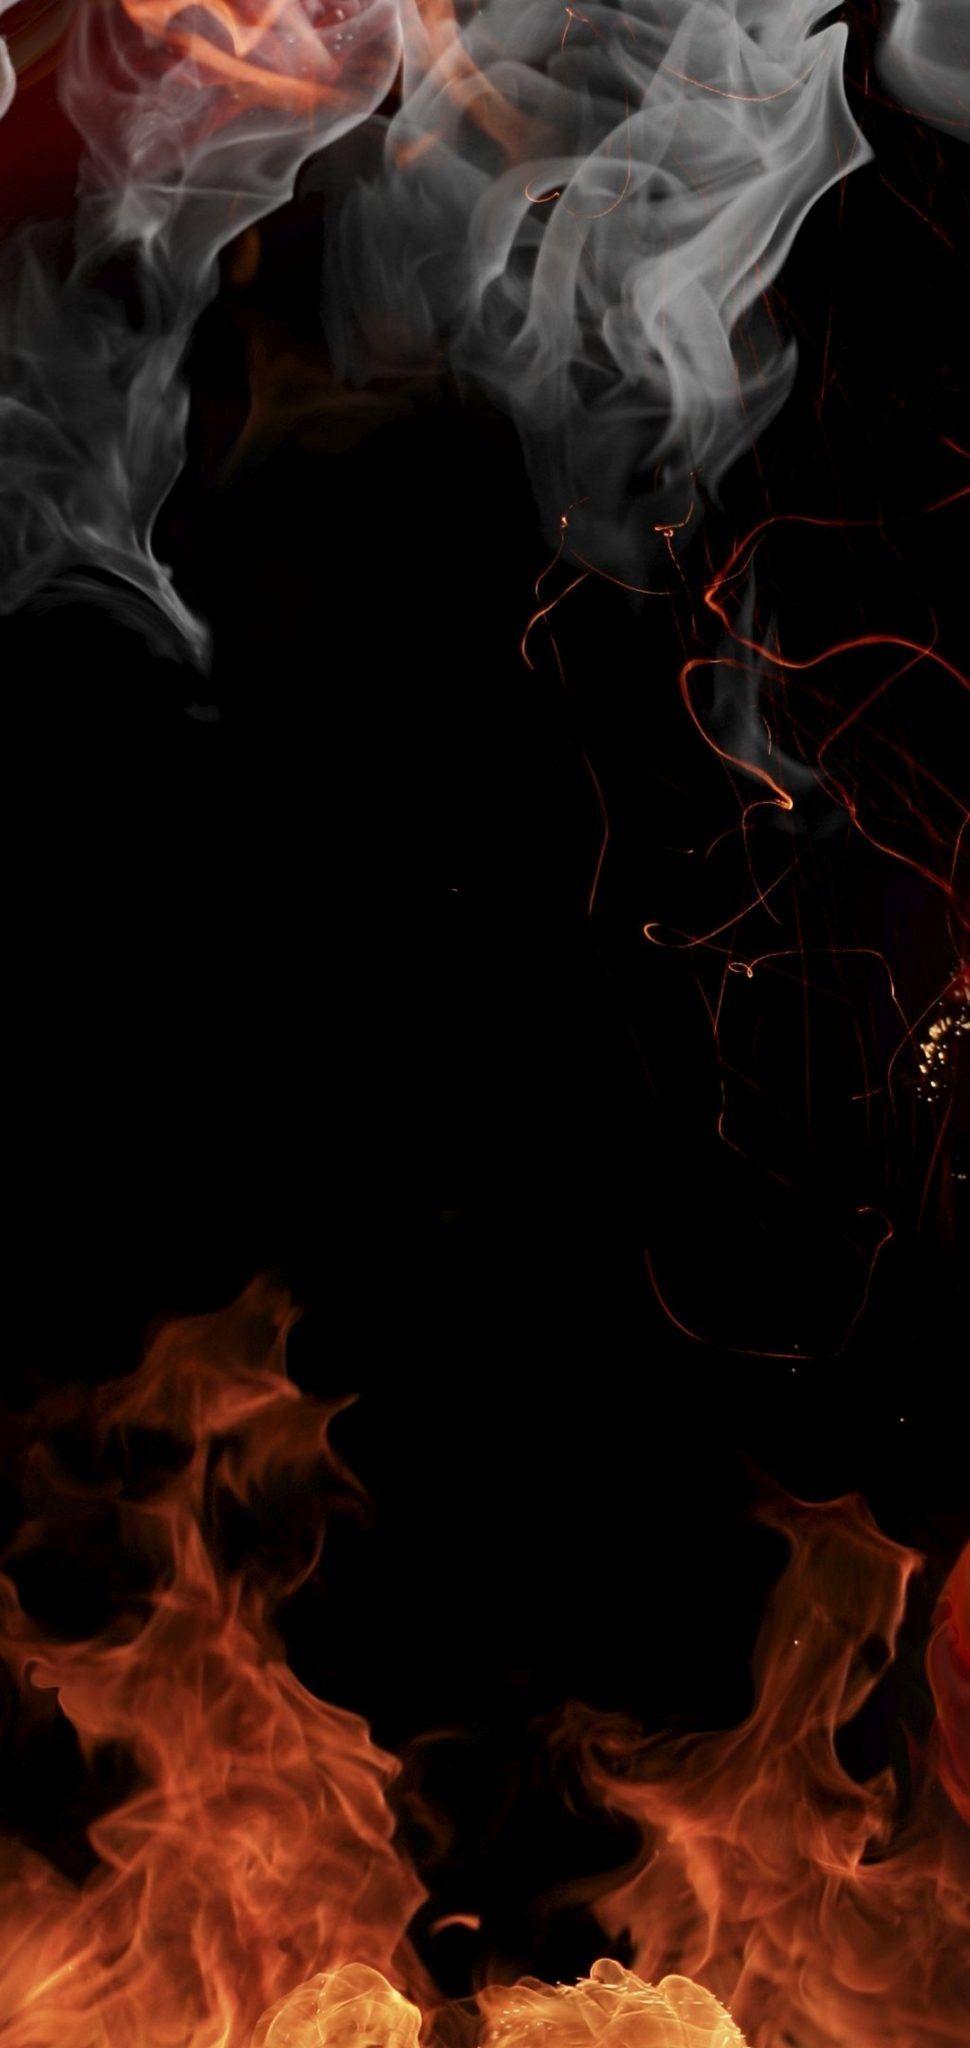 Fire Smoke Flowers Wallpaper 1080x2280 HD Wallpaper in